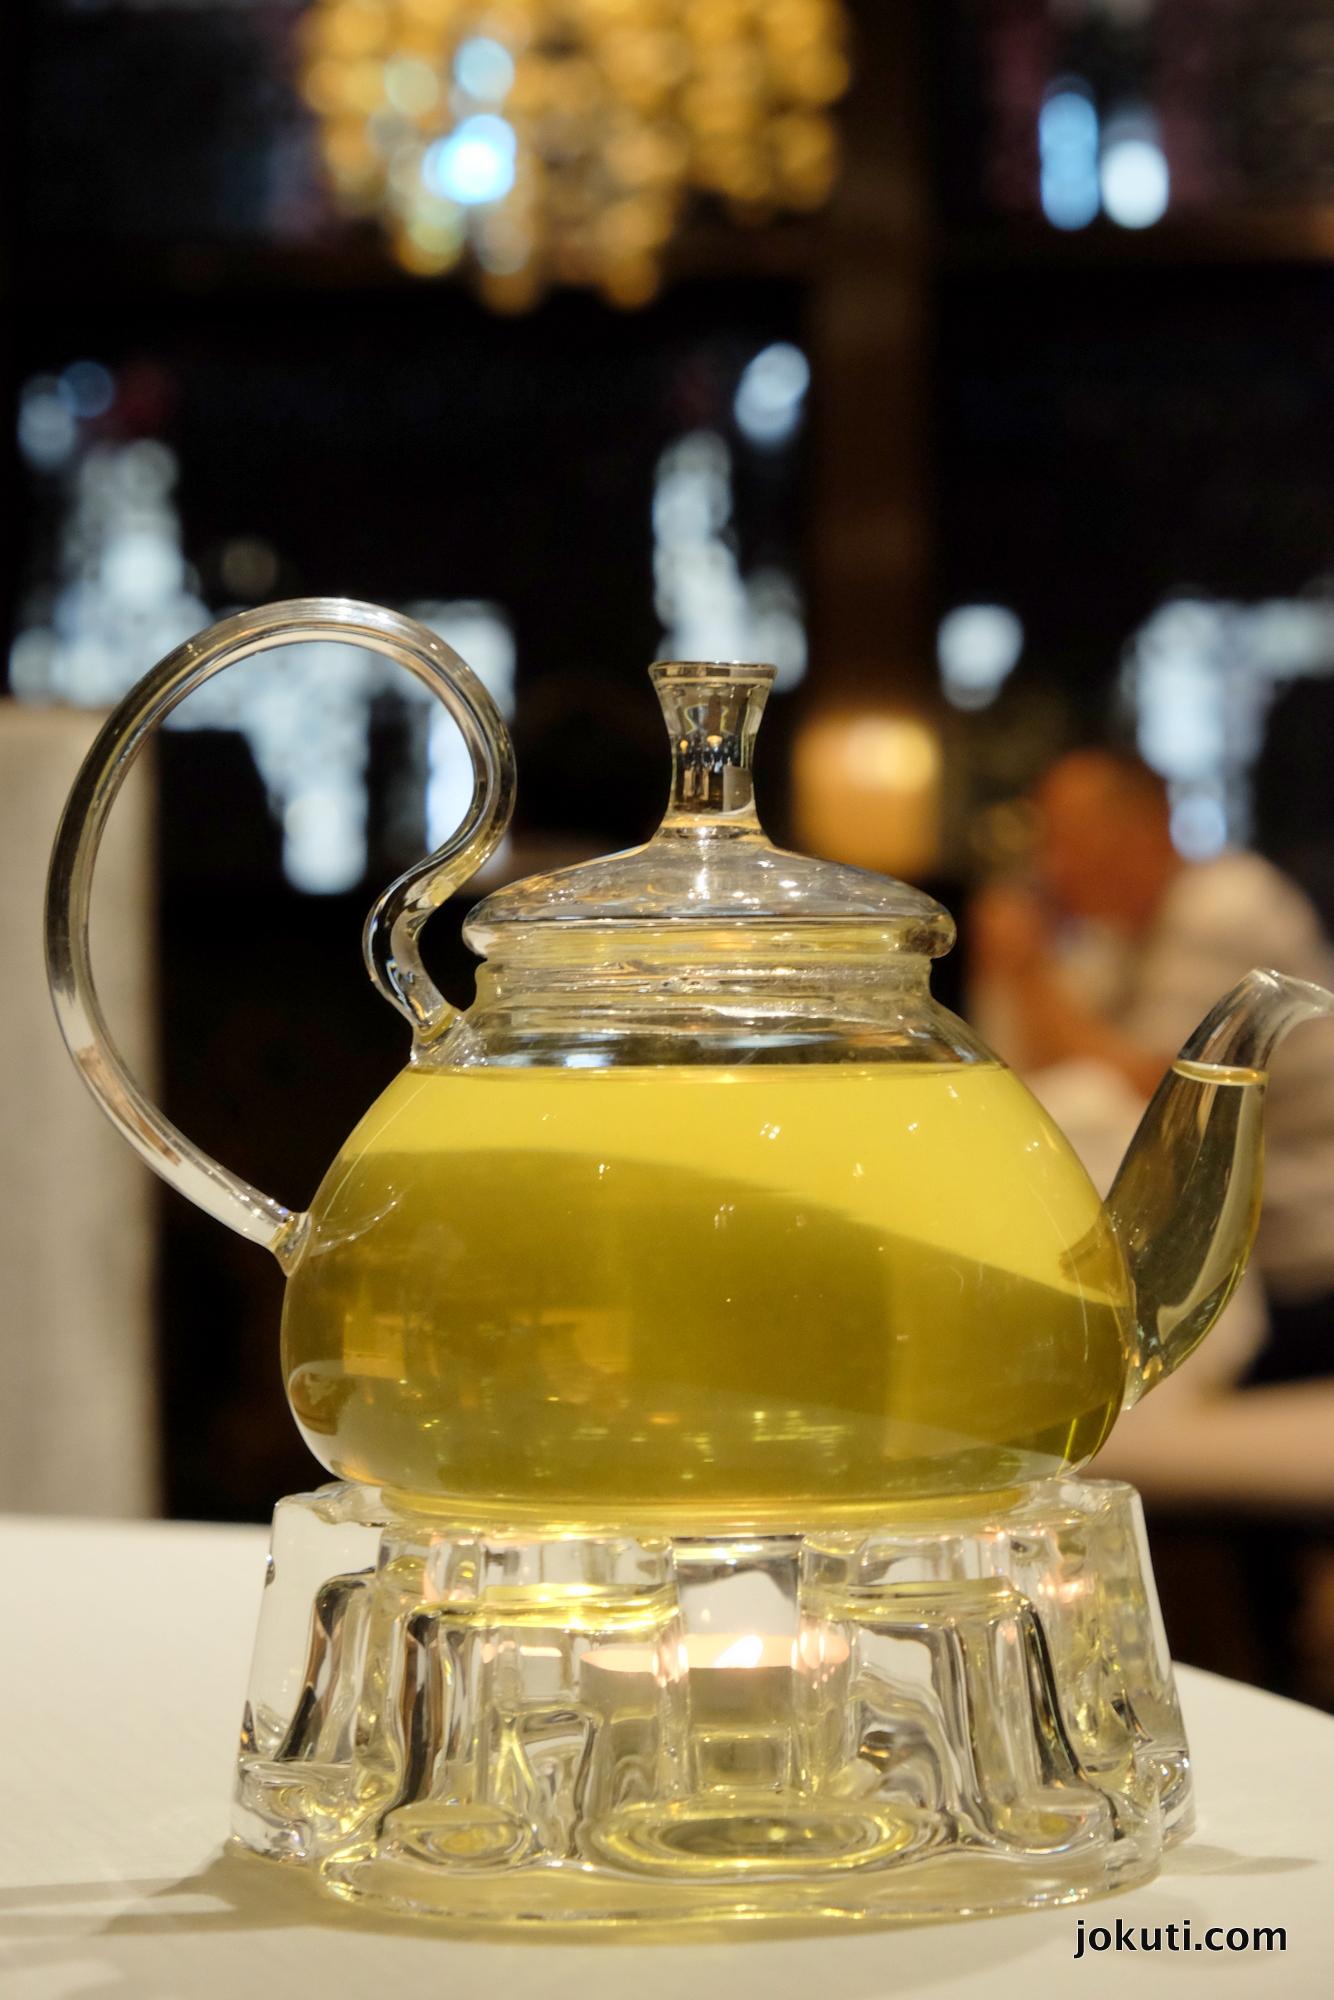 dscf6886_jade_dragon_restaurant_cantonese_chinese_michelin_macau_makao_china_kinai_vilagevo_jokuti.jpg